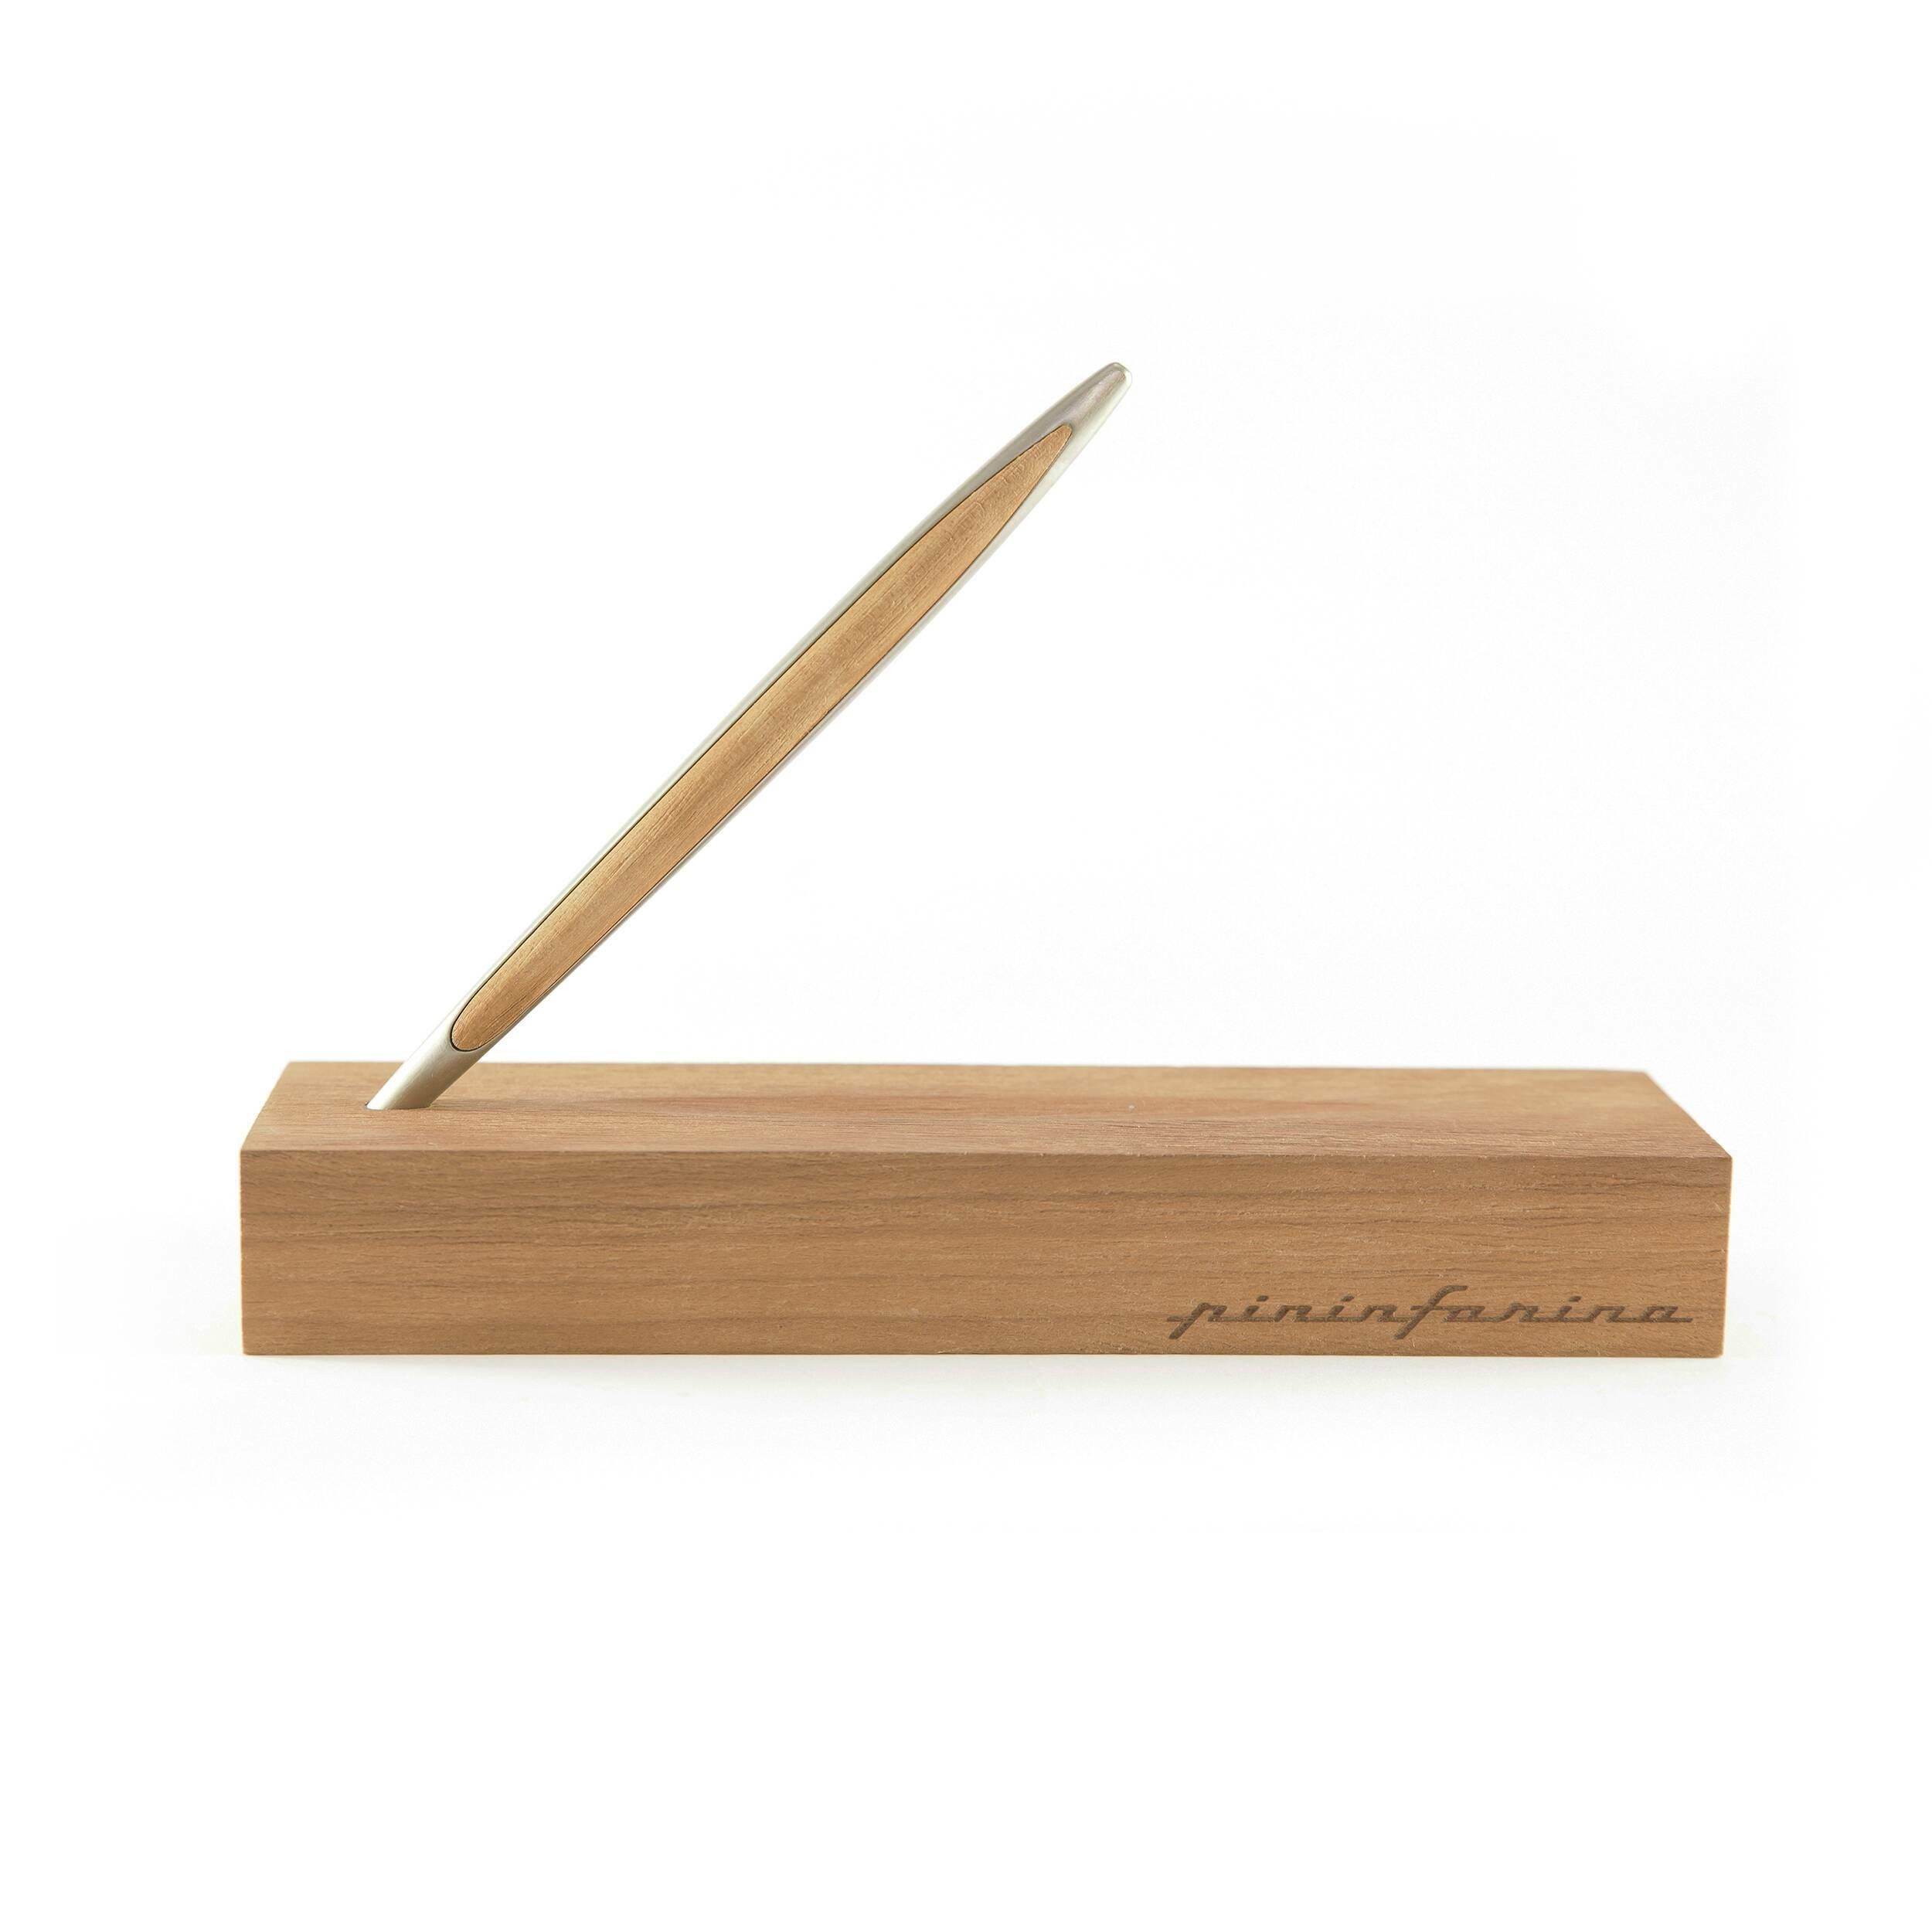 Вечный карандаш с подставкой-футляром Napkin Forever Pininfarina Cambiano KauriРазное<br>Вечный карандаш с подставкой-футляром Napkin Forever Pininfarina Cambiano Kauri. Лимитированное специальное издание из древесины каури, включает деревянную подставку-футляр.<br><br> Идея создания вечного карандаша уходит своими корнями в прошлое и обращает наши взоры в будущее. В Средние века, задолго до изобретения карандаша, художники пользовались металлическими наконечниками для рисования на специально подготовленной и обработанной бумаге. Эта техника была известна как Silverpoint. Техника Si...<br><br>stock: 0<br>Материал: Древесина Каури<br>Длина: 16.5